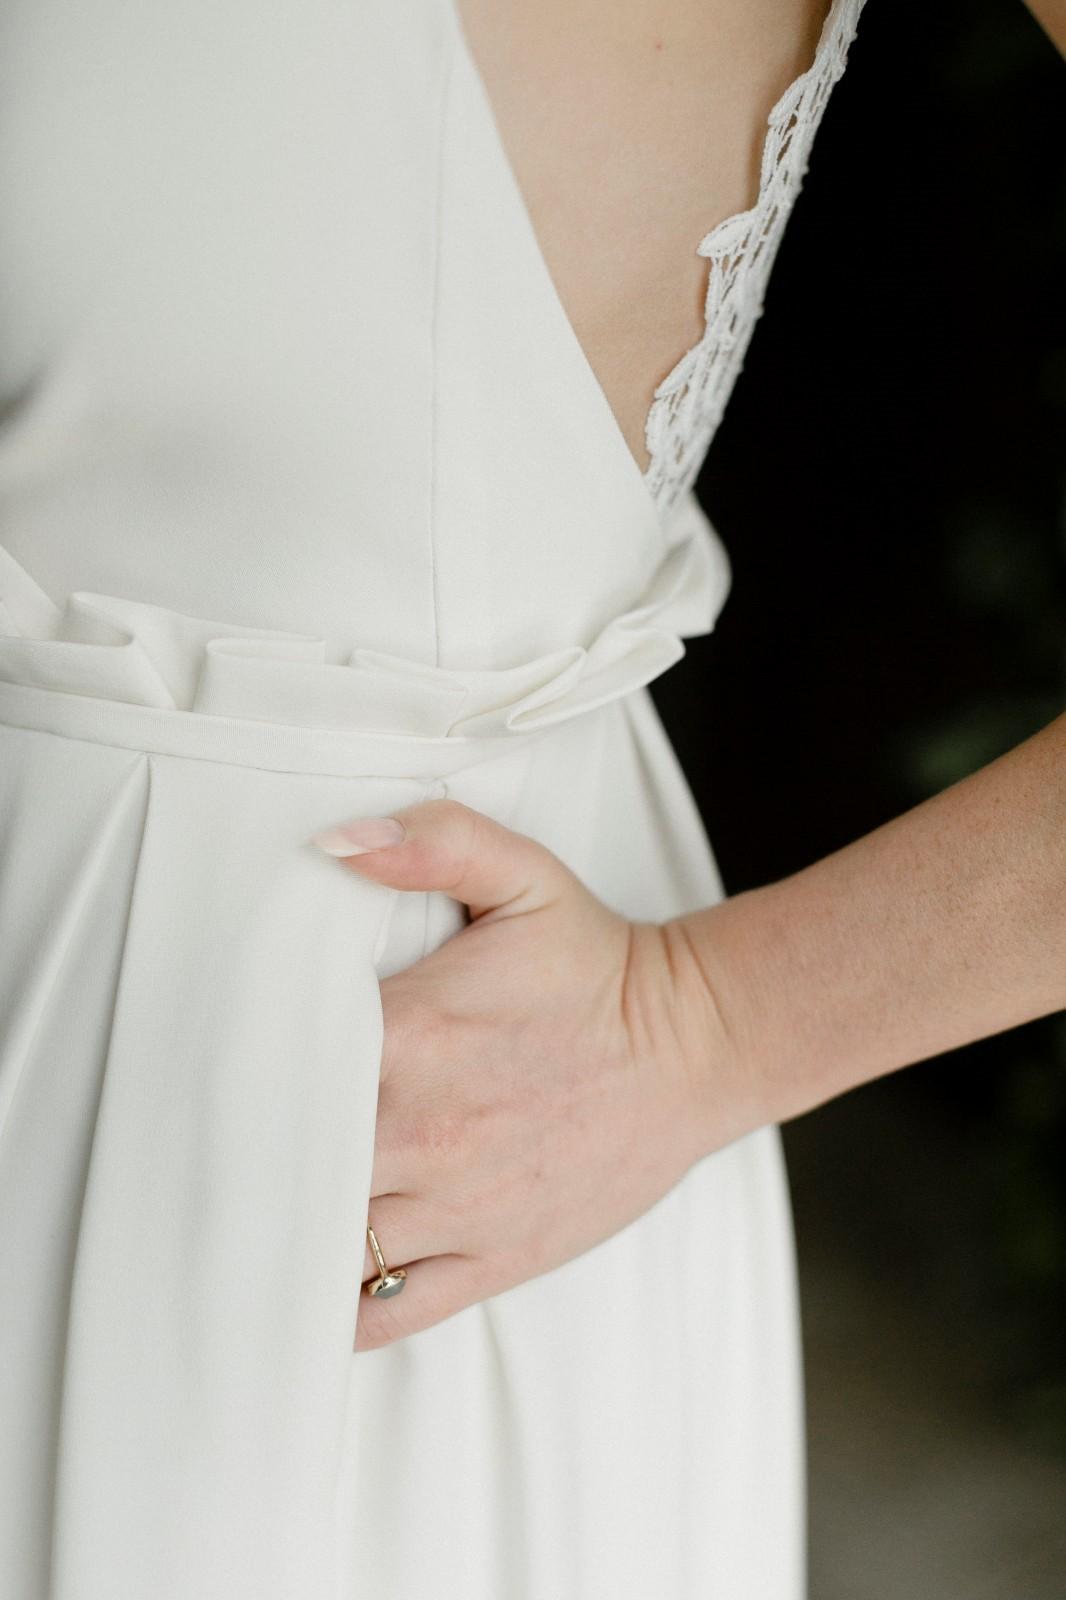 Quelle belle idée d'avoir une robe de mariée avec des poches.